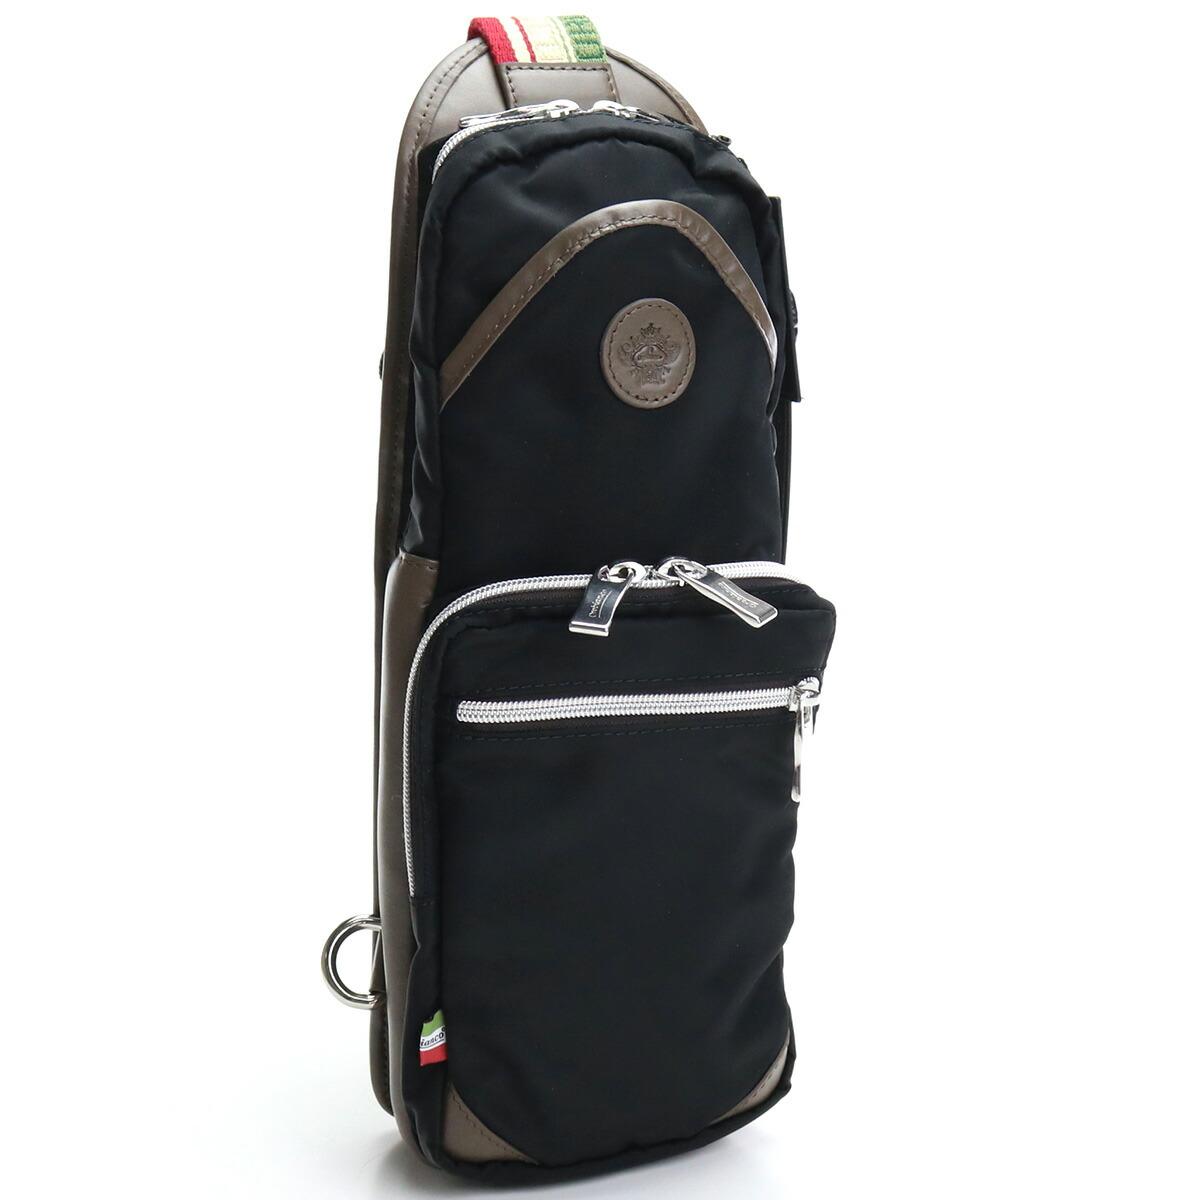 オロビアンコ OROBIANCO  ボディバッグ GIACOMIO DA-N 99/08 NERO/BRONZO ブラック ブラウン系 bag-01